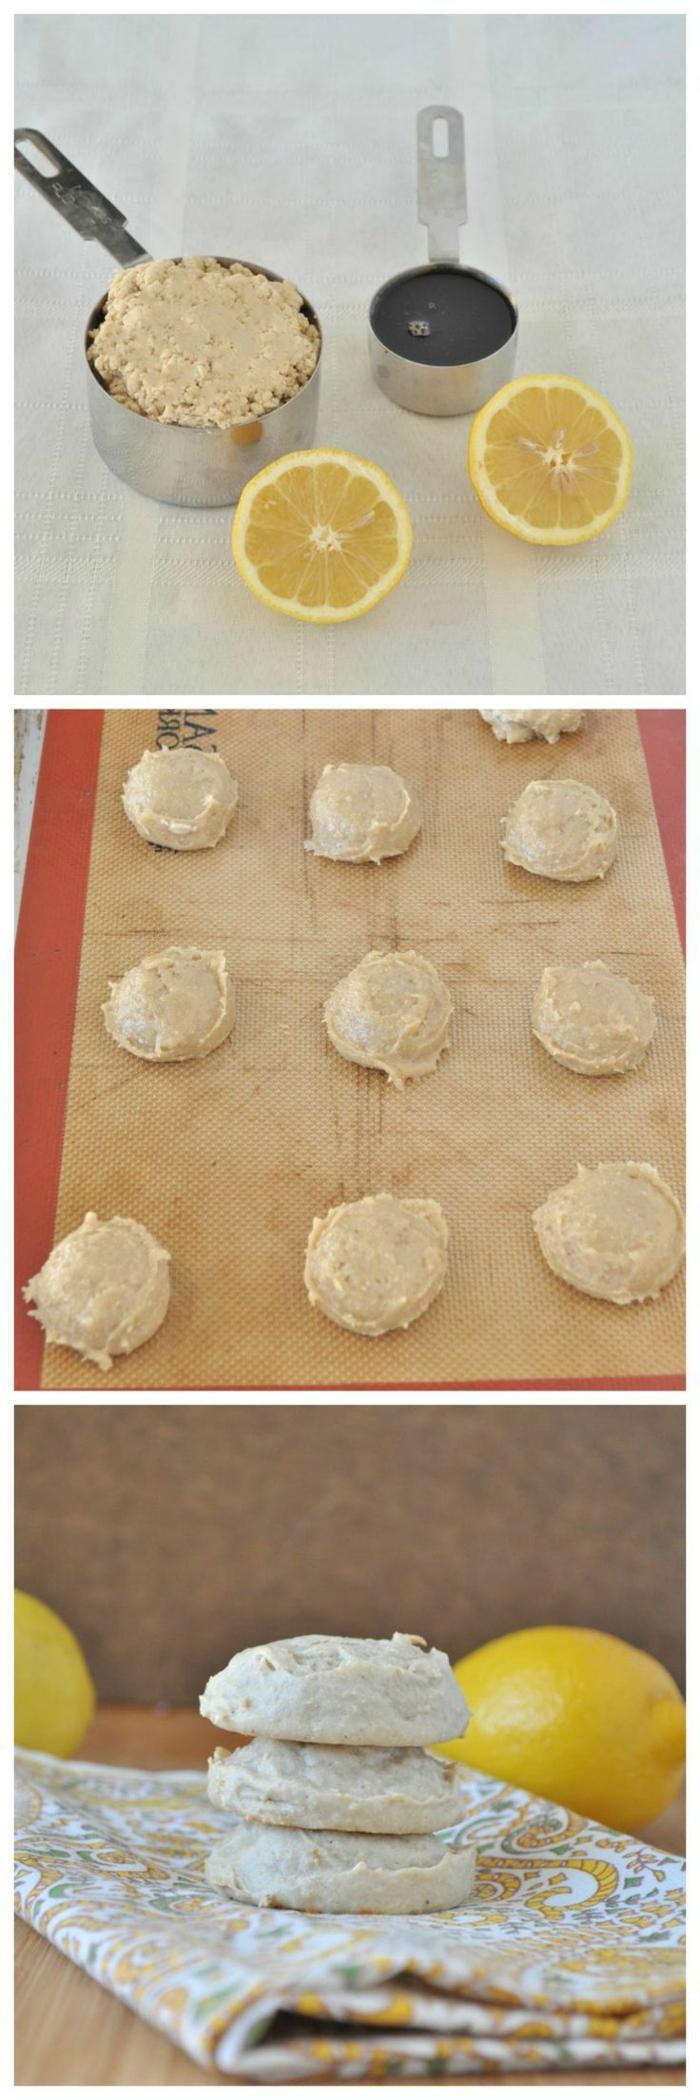 Zitronen-Cookies-ohne-Mehl-Zubereitung-leichtes-Rezept-gesunde-süßigkeiten-ohne-zucker-glutenfrei